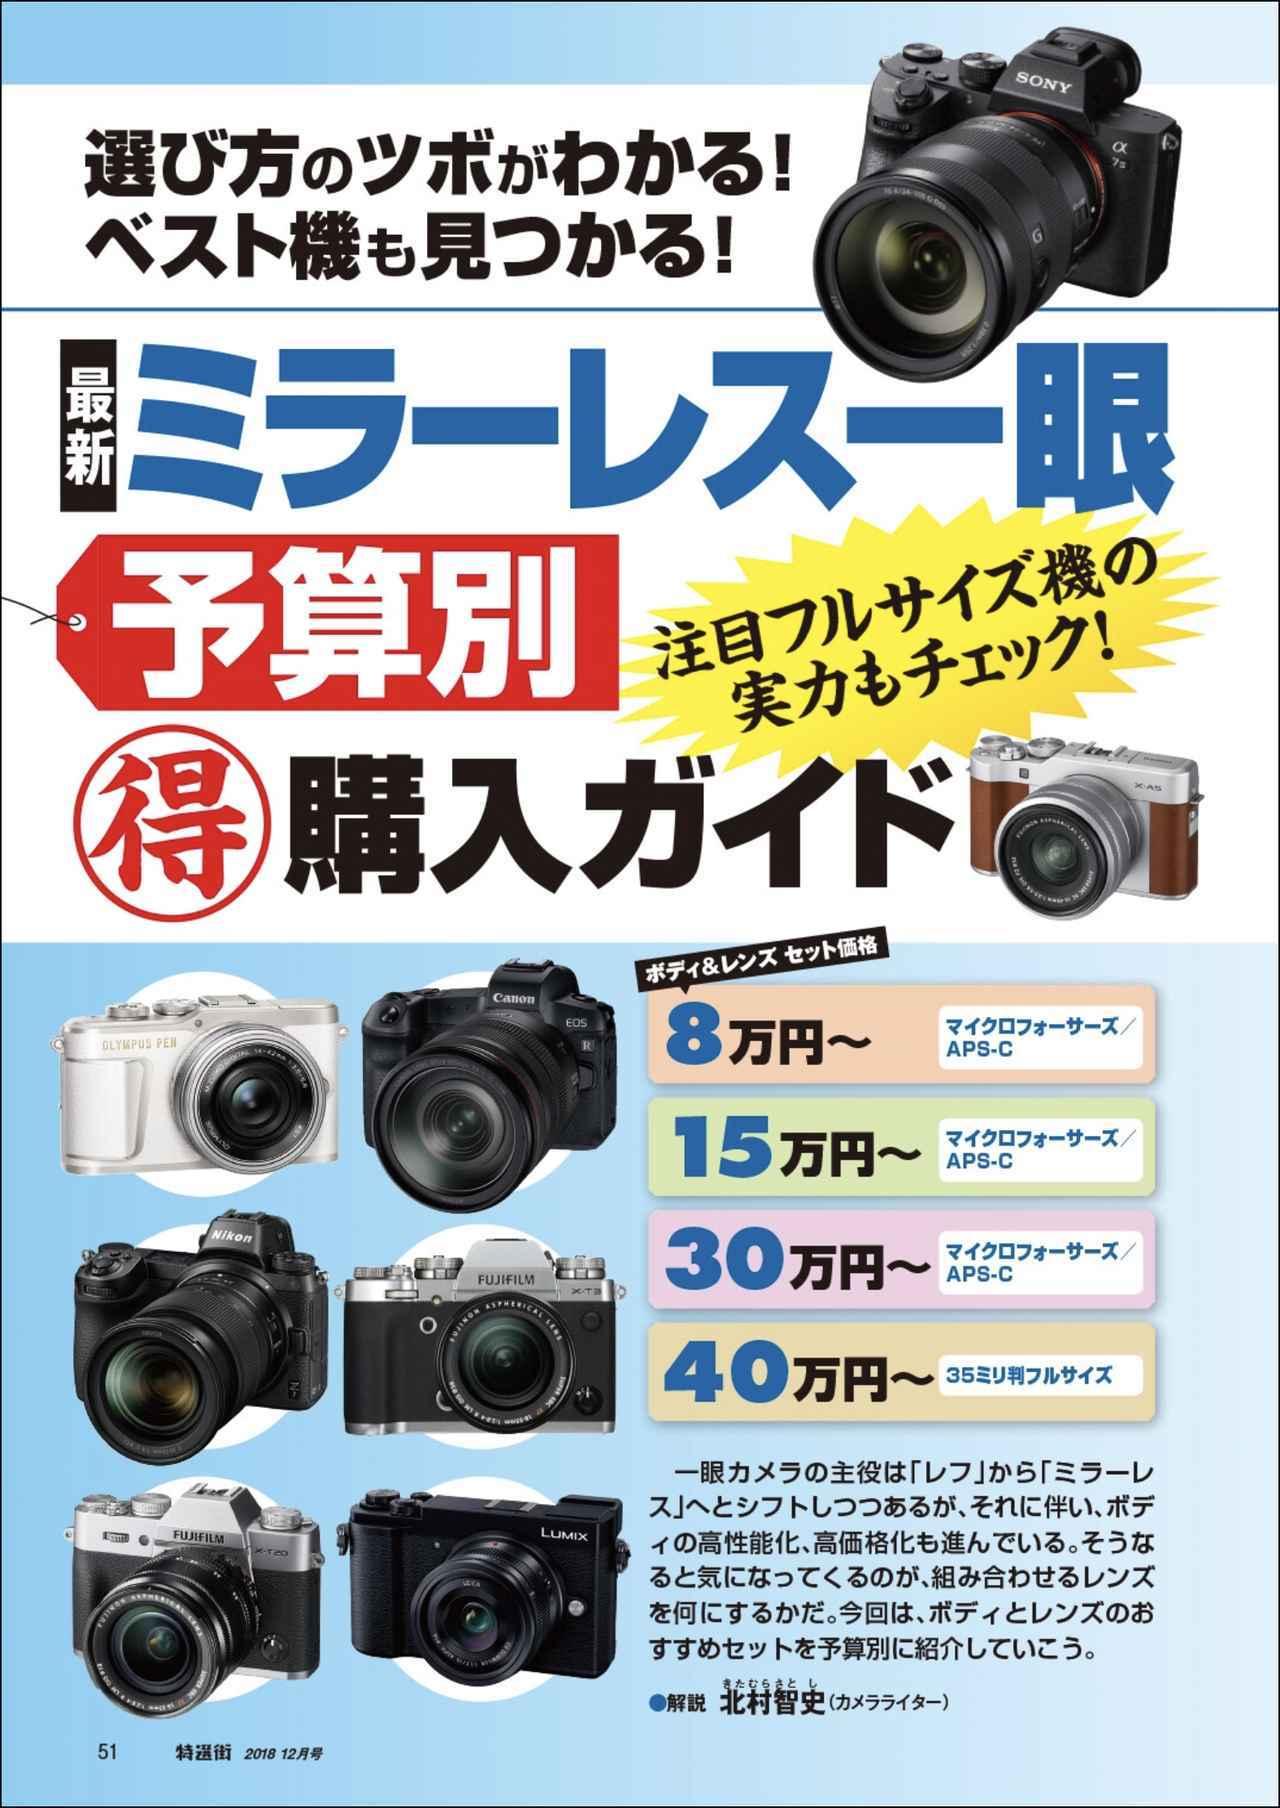 画像3: 「デジタル一眼の基本」「おすすめミラーレス一眼」「撮影上達のワザ」を大特集。【特選街12月号】は本日発売です!